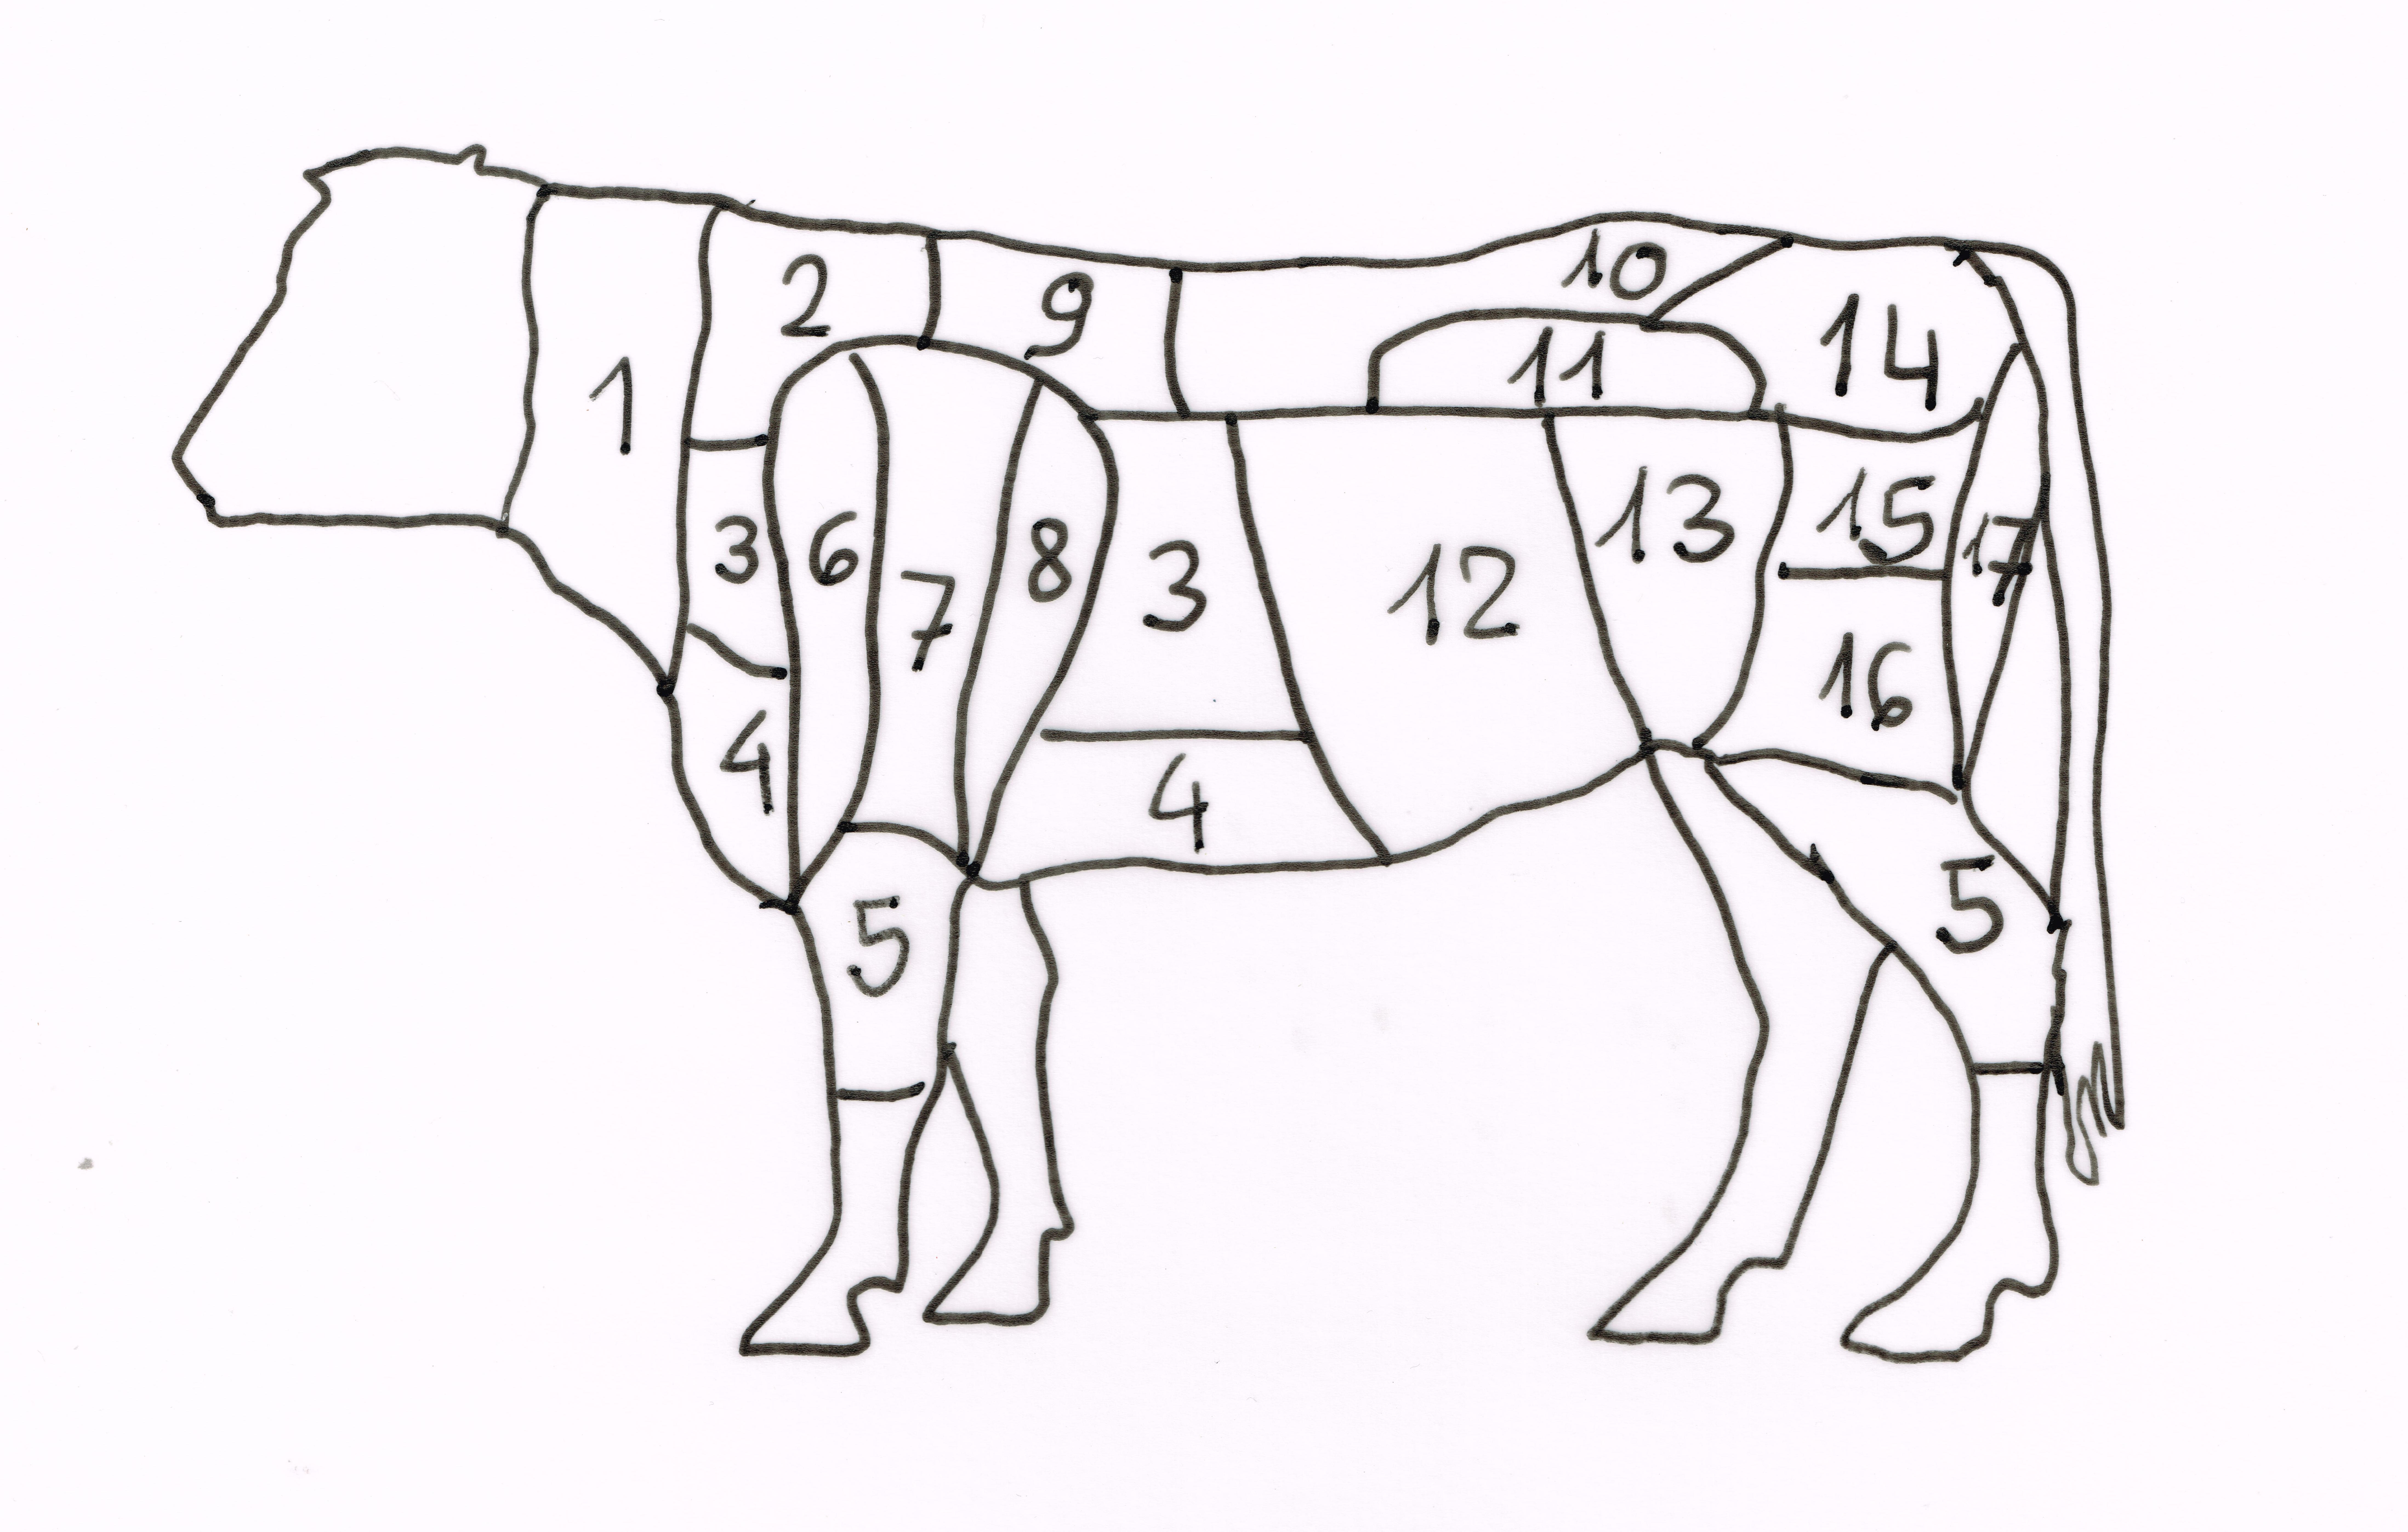 Bezeichnung der Körperteile eines Rind